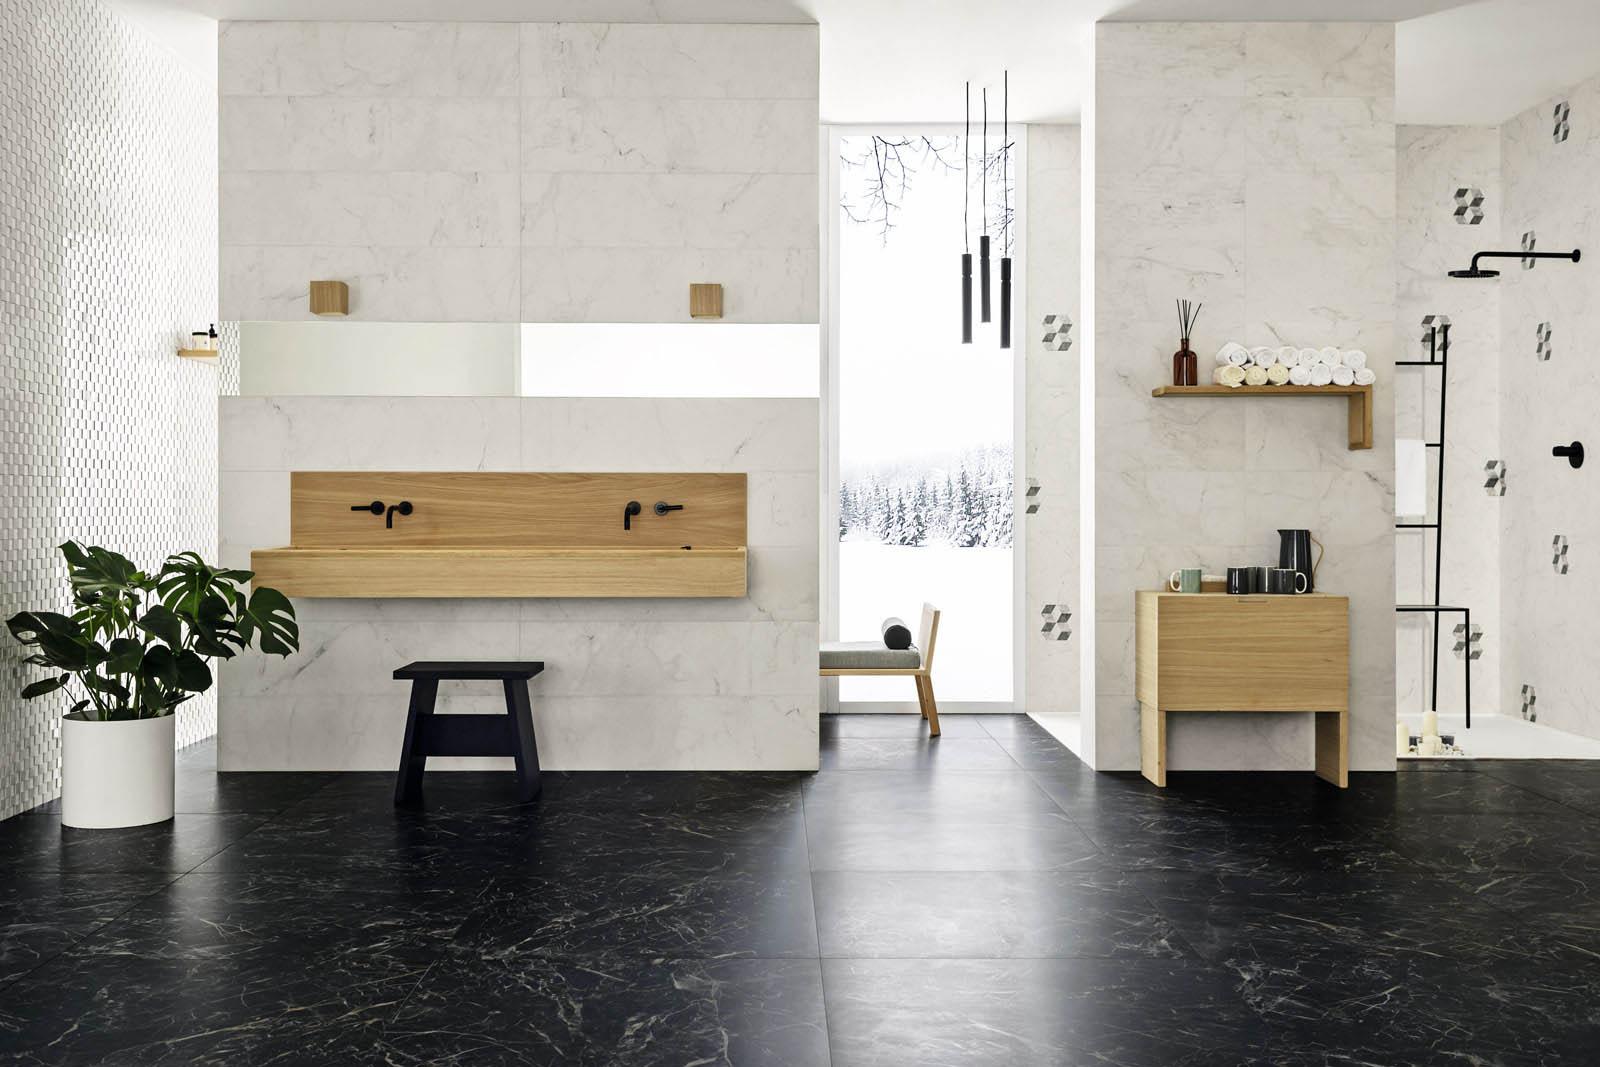 mattonelle per bagno : Mattonelle per Bagno: ceramica e Gres Porcellanato Marazzi